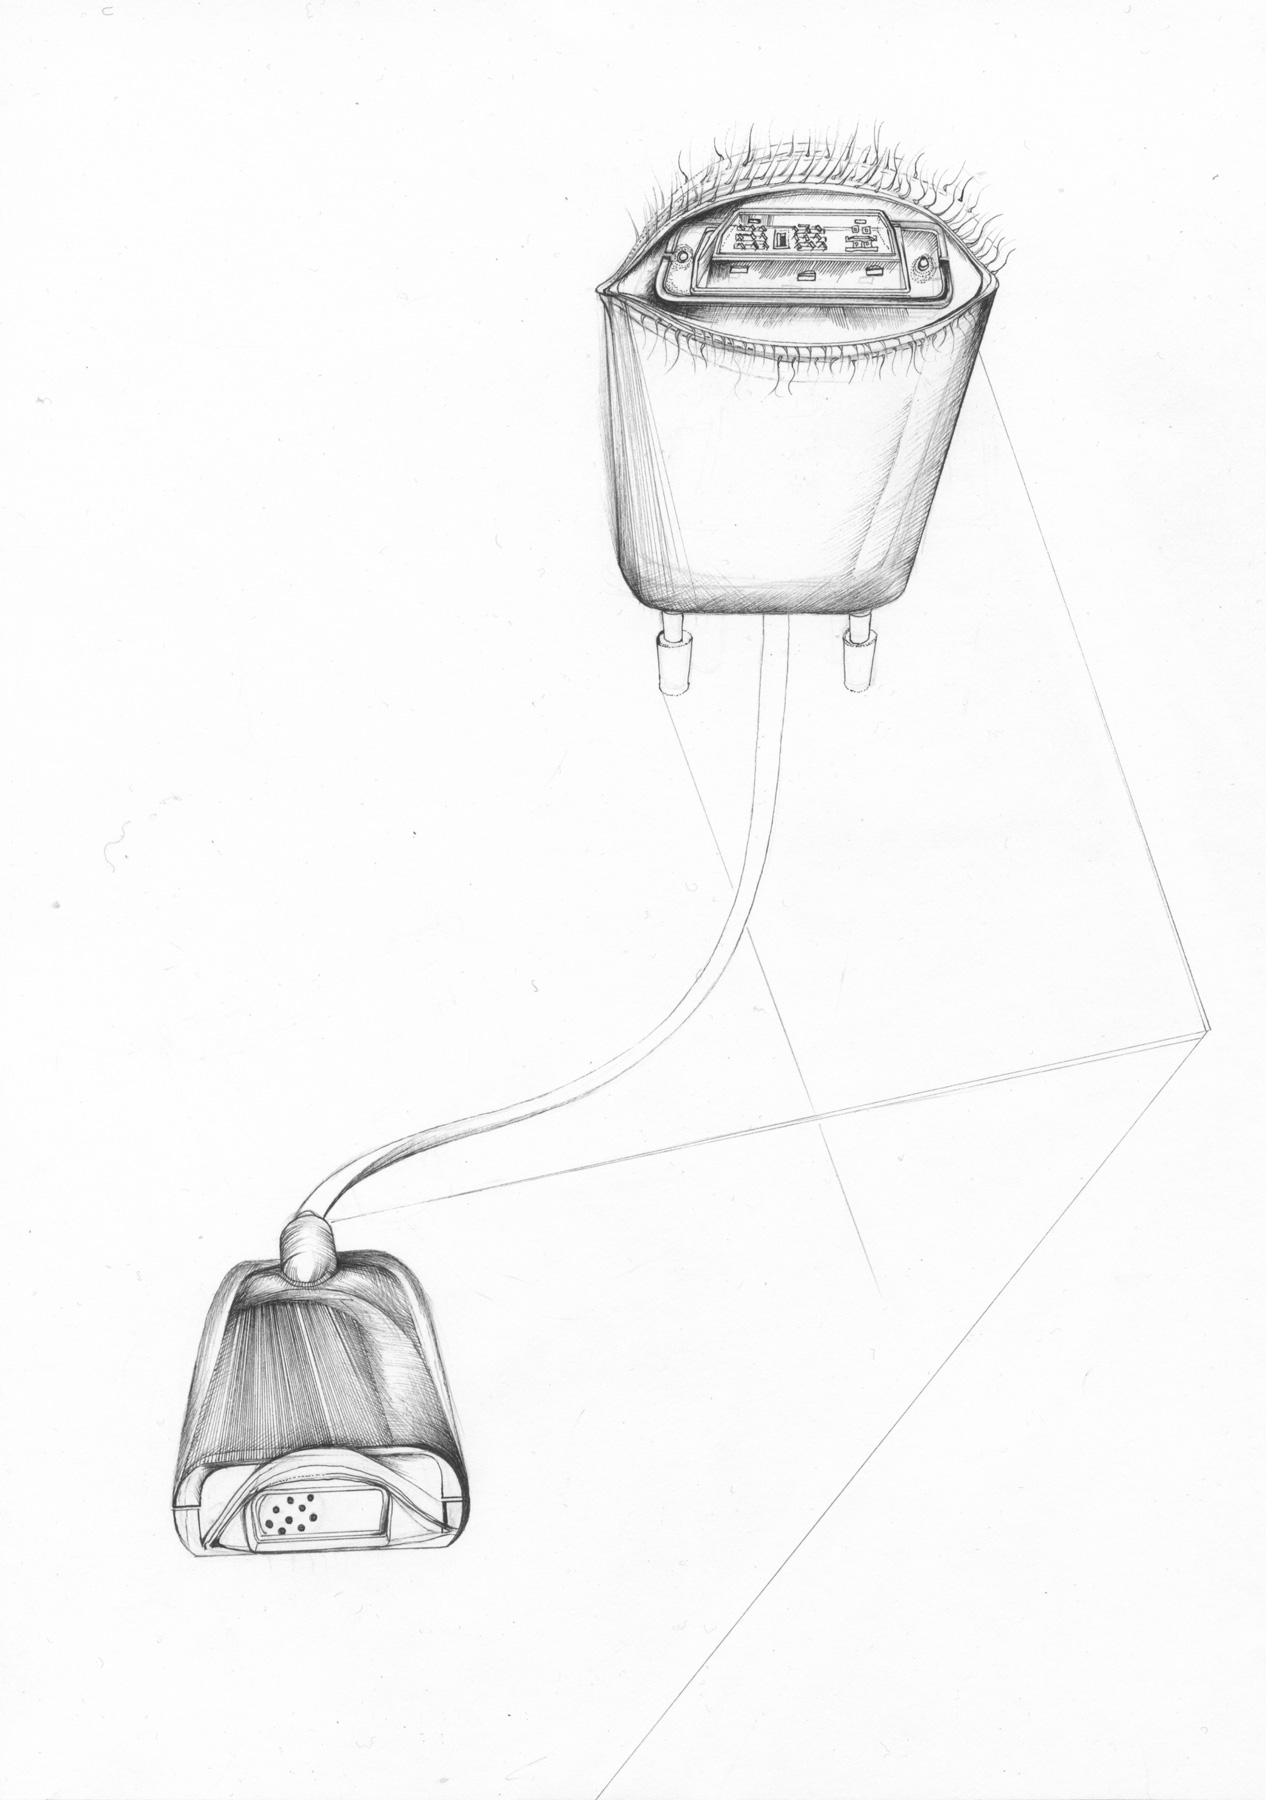 Nina Annabelle Märkl | Tools 1 | Tusche und Bleistift auf Papier | 29,7 x 21 cm | 2016